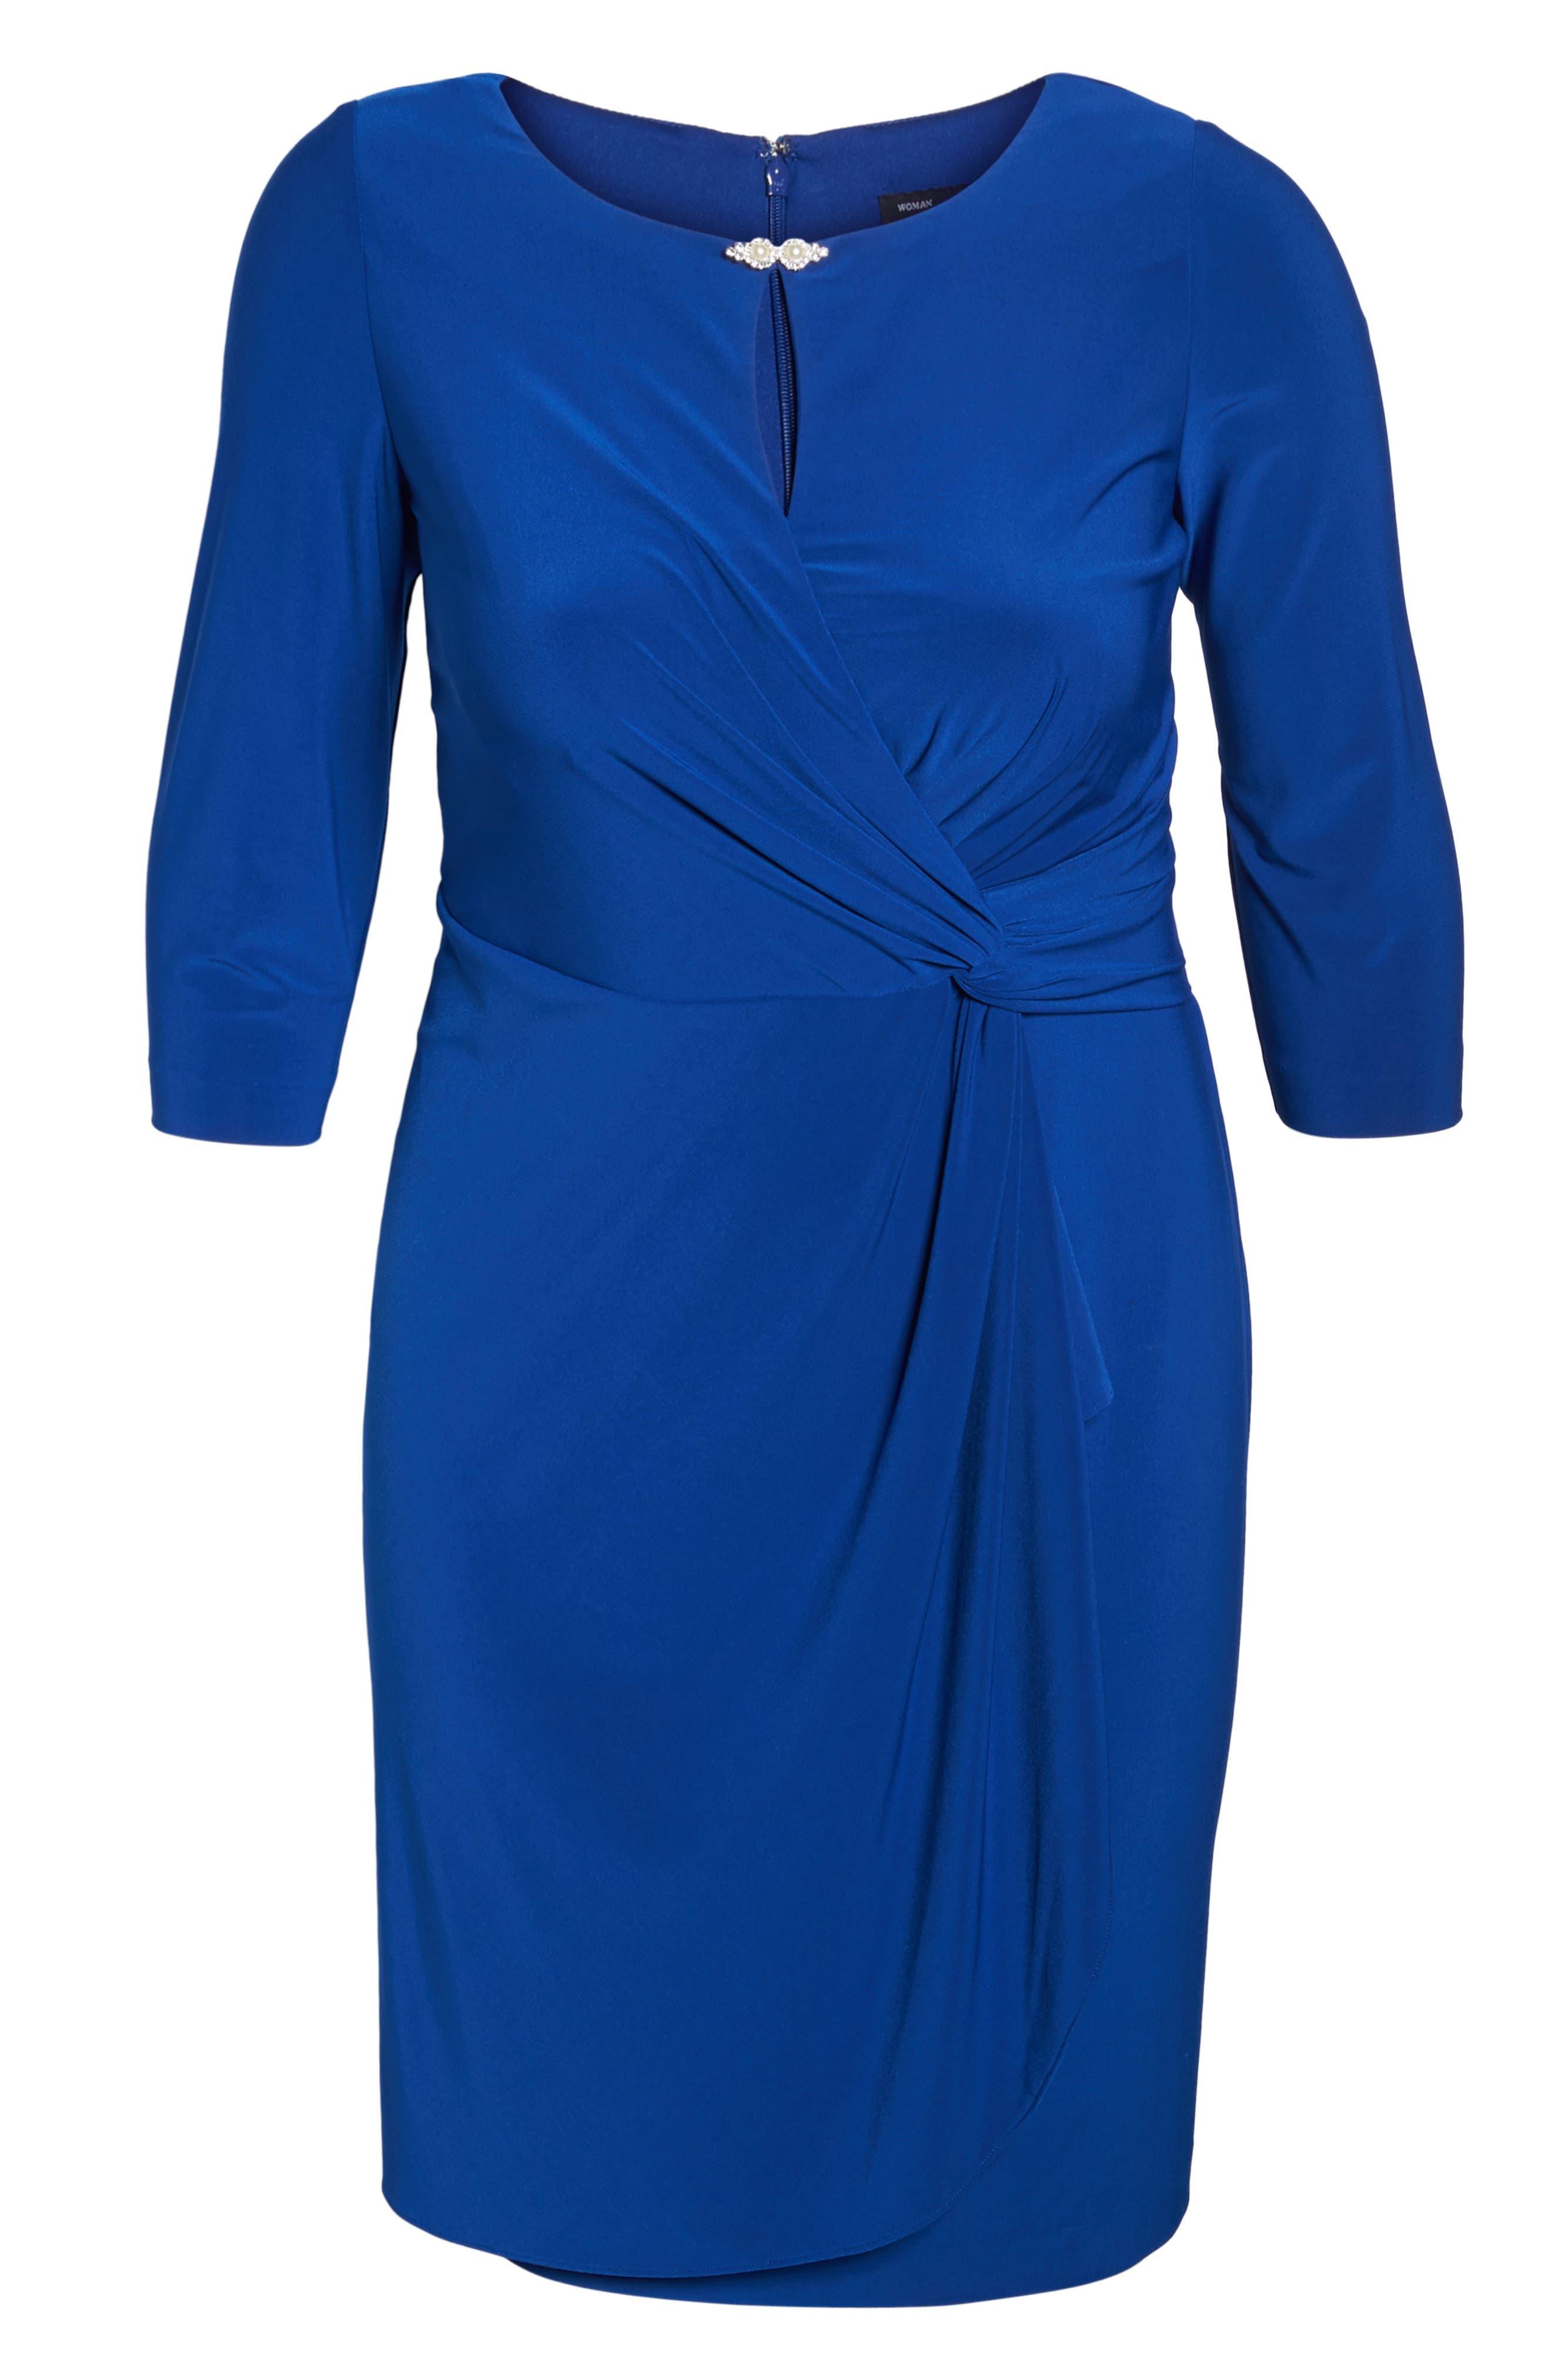 Embellished Knot Front Dress,                             Alternate thumbnail 6, color,                             461